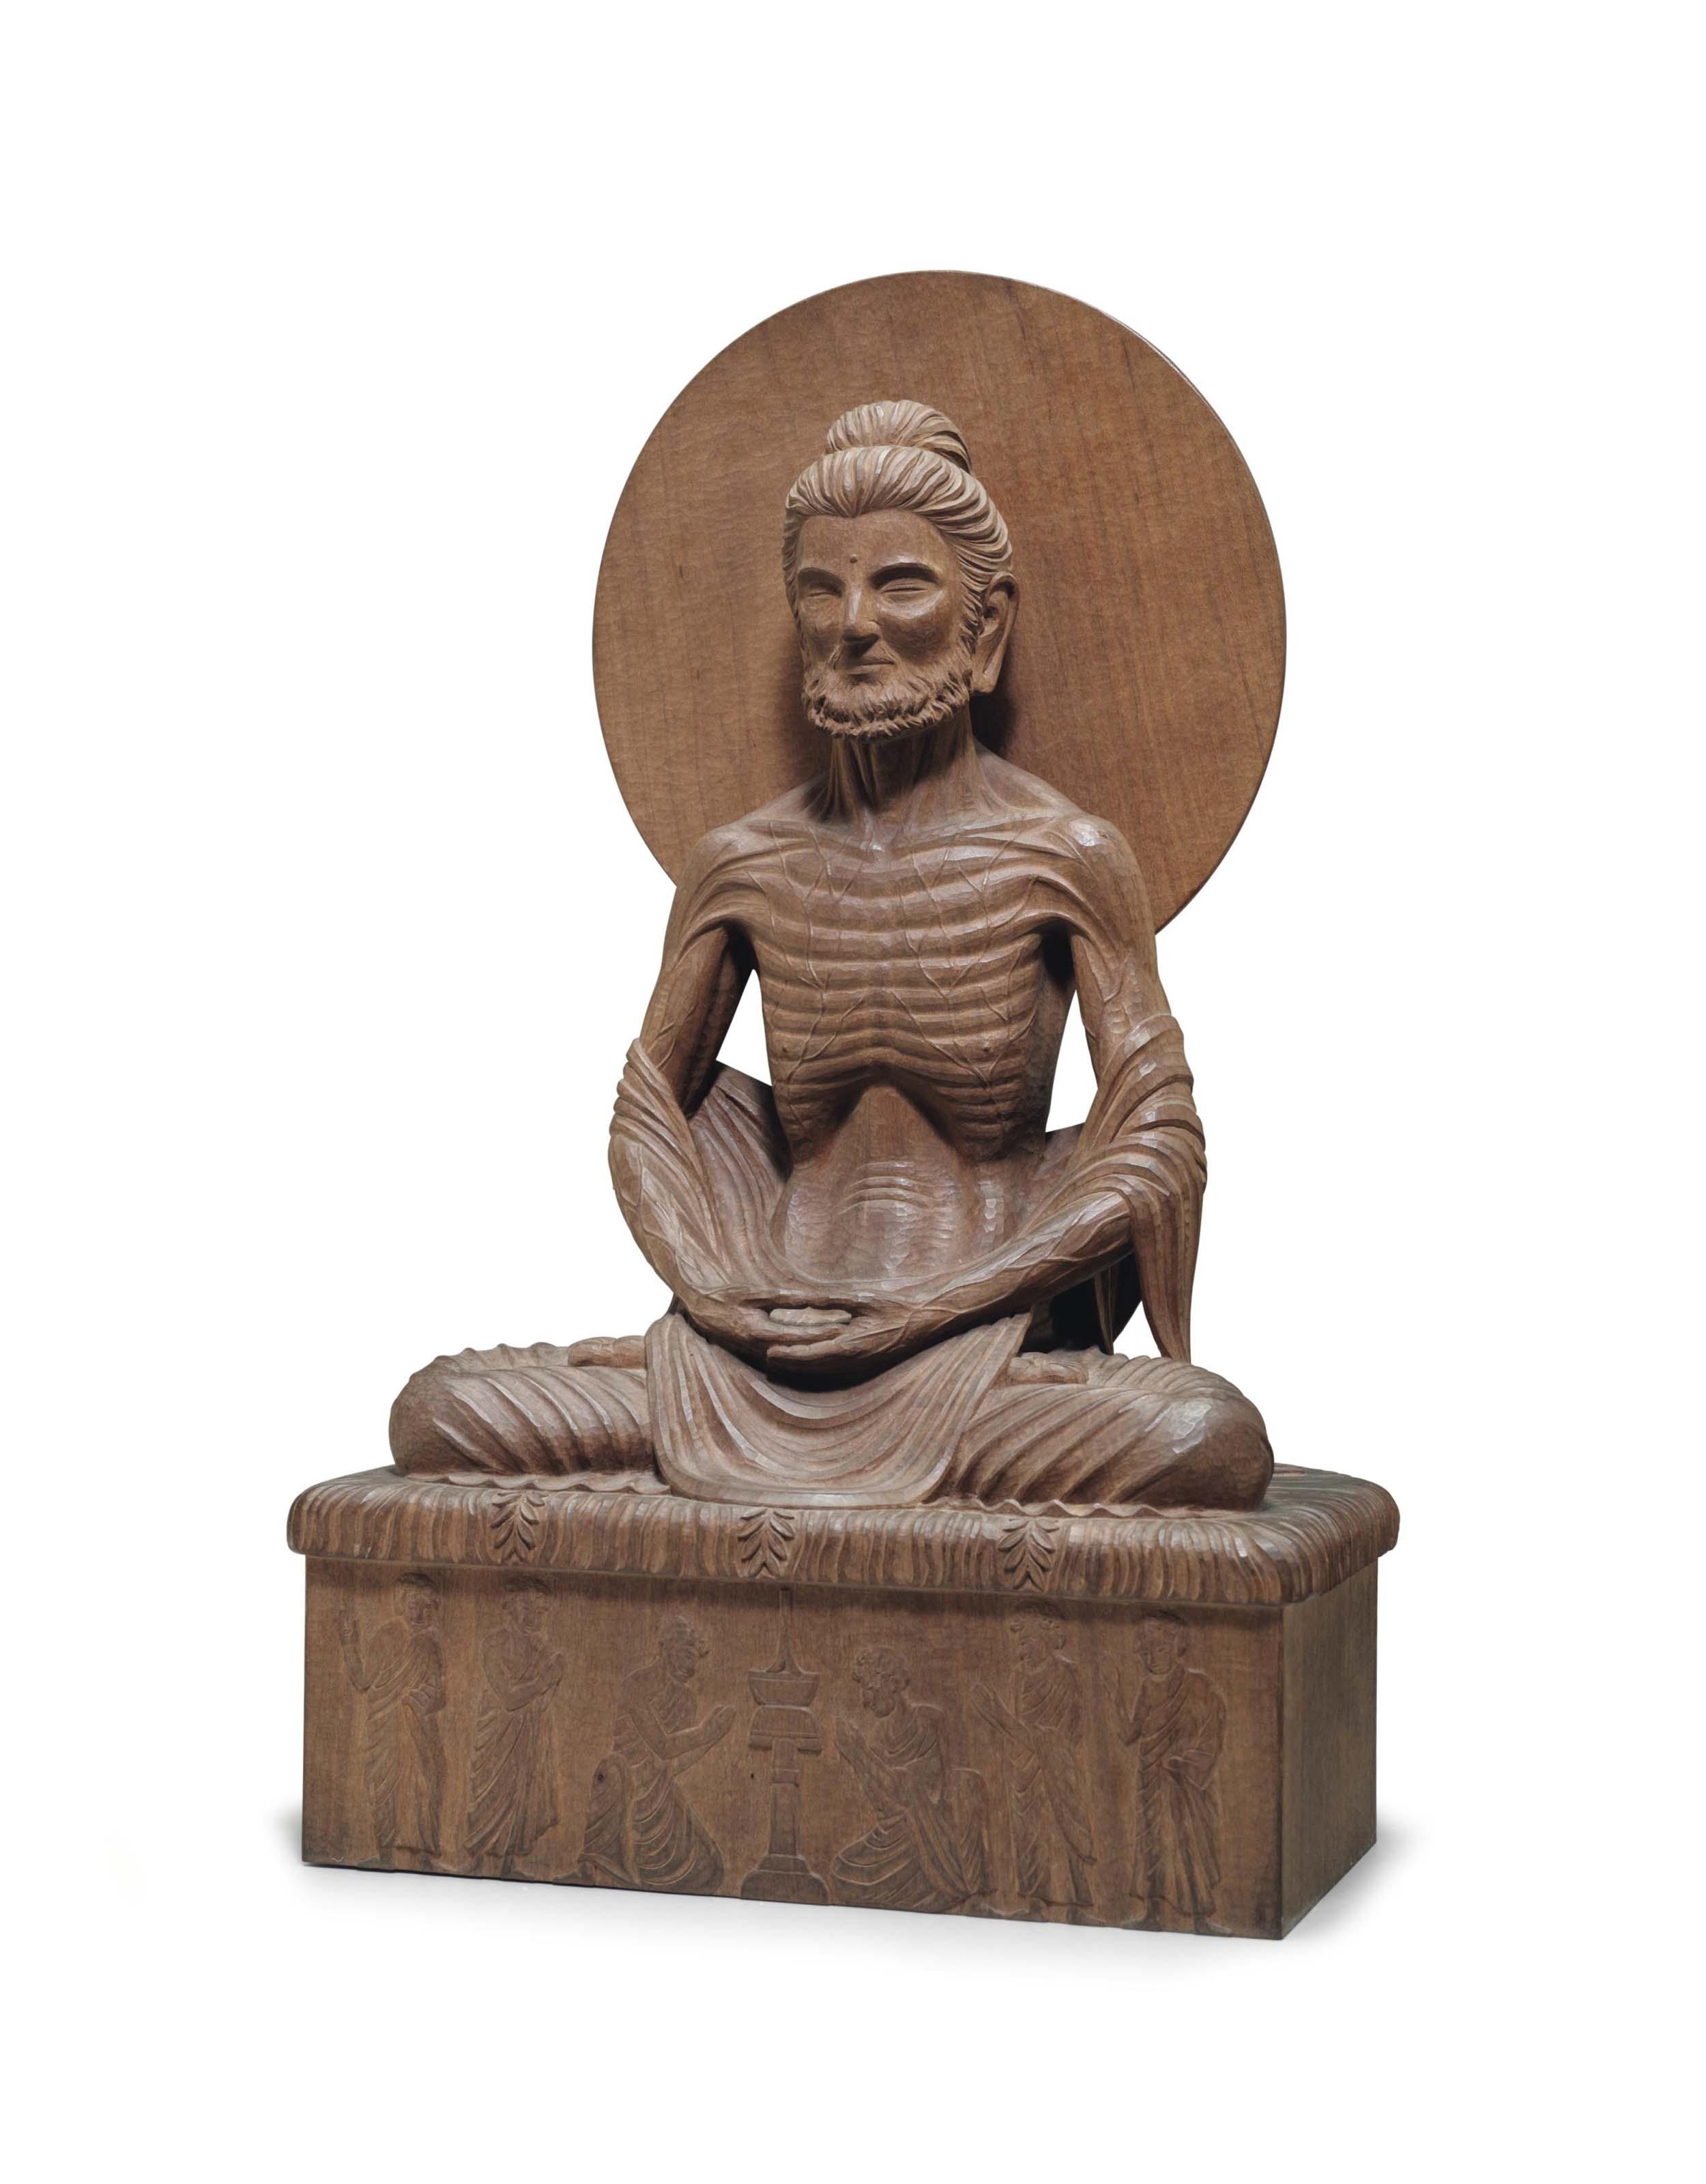 A Wood Figure of Siddhartha Fasting